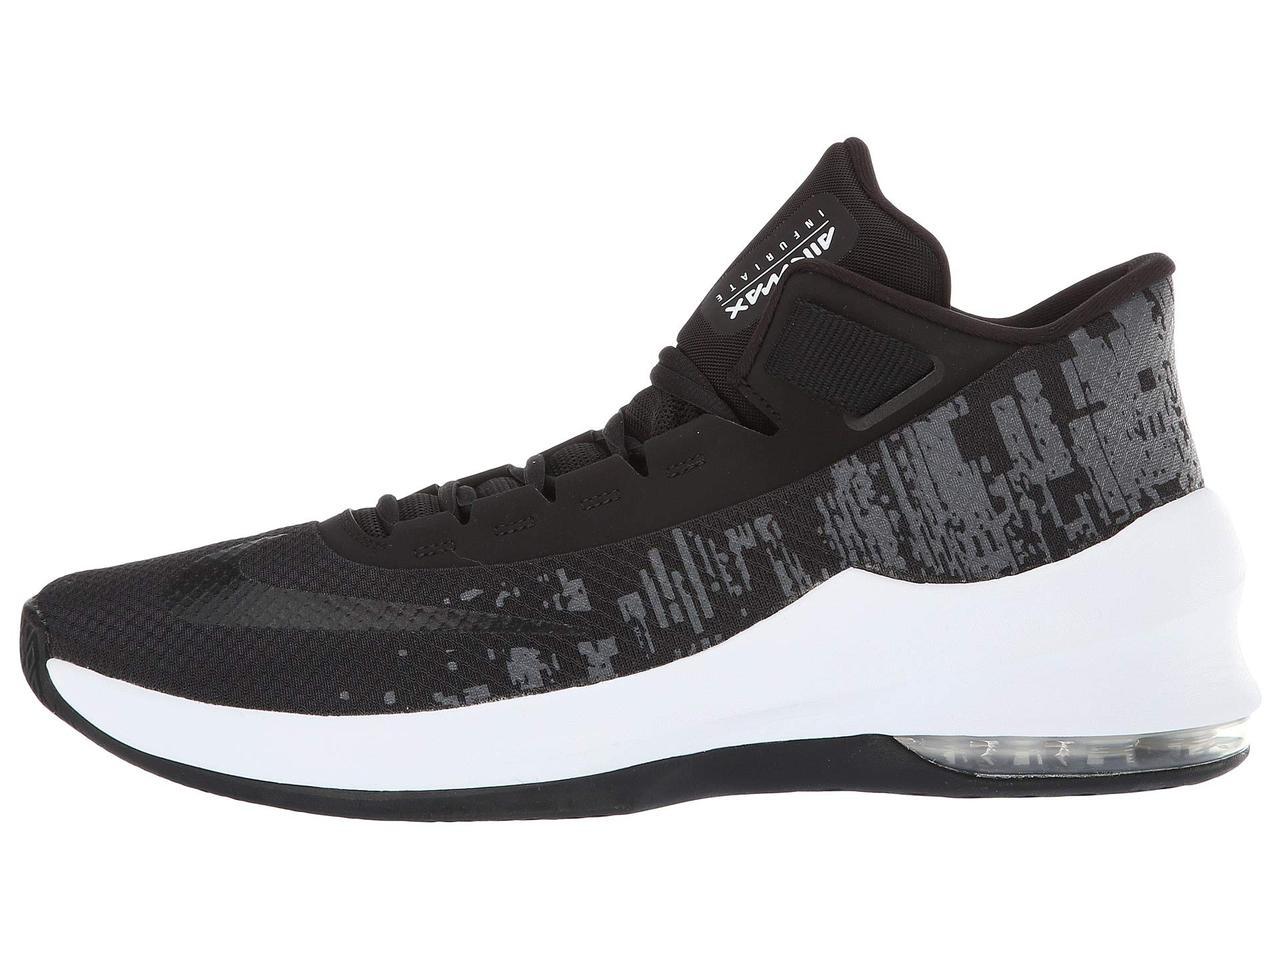 09f28b1a89ed ... Кроссовки Кеды (Оригинал) Nike Air Max Infuriate 2 Mid Black Black  ...